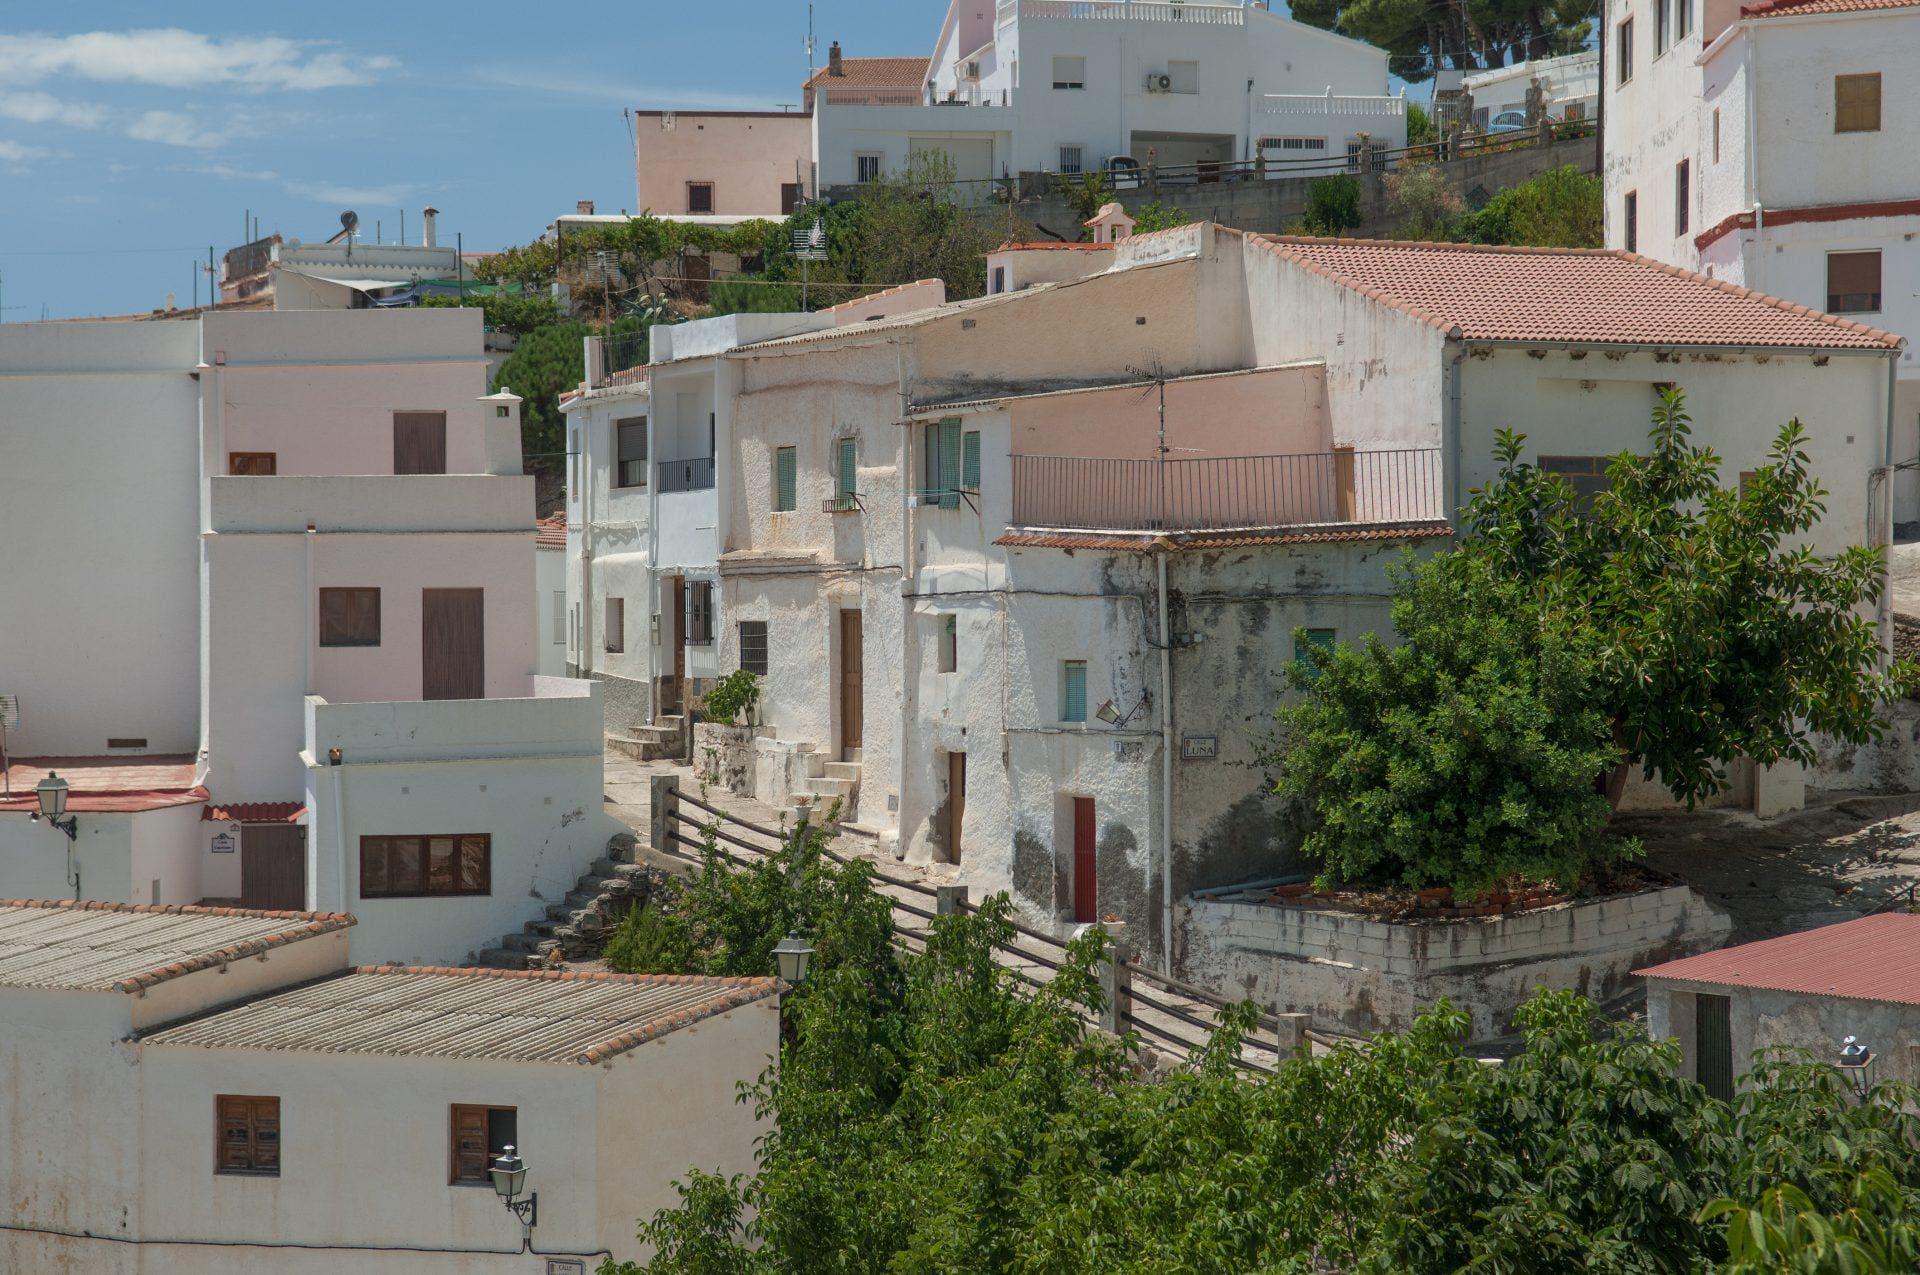 Spanjeliefhebbers maakt een live verslag van het Spaanse dorp Polopos